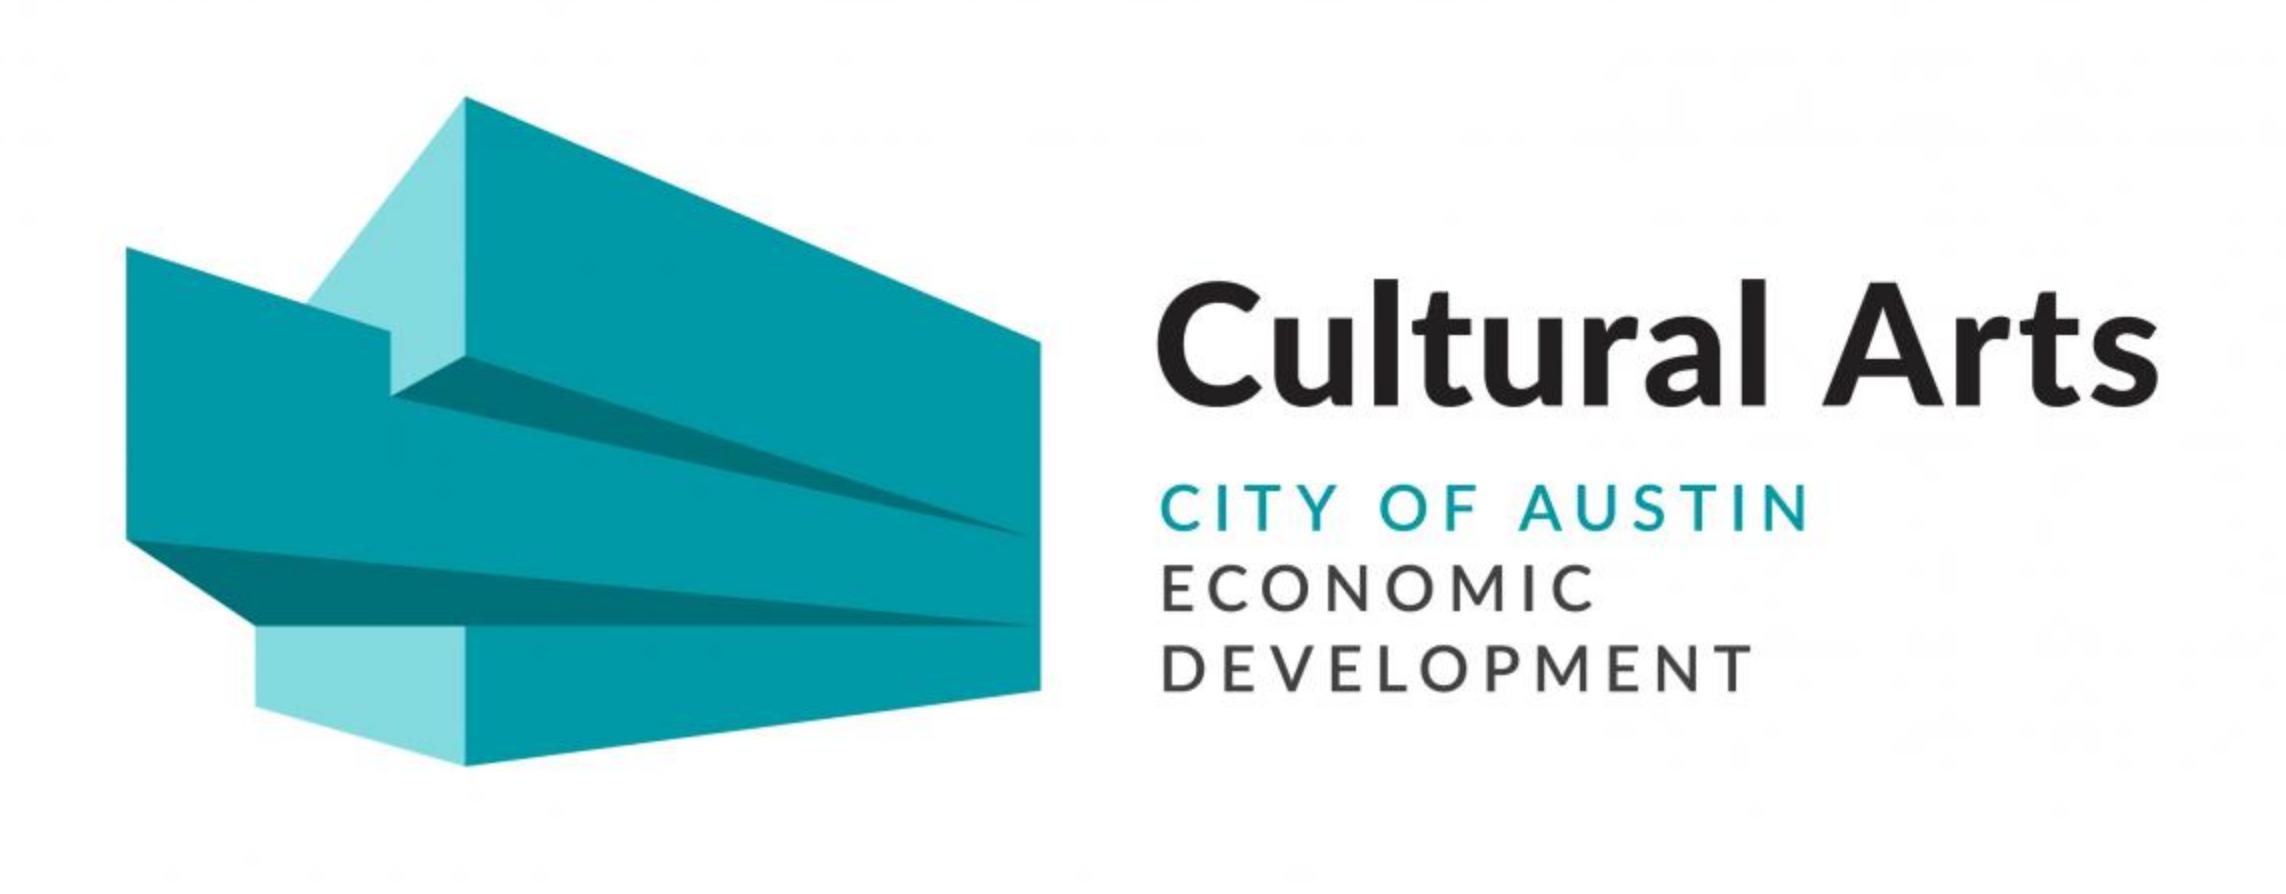 Cultural Arts Division